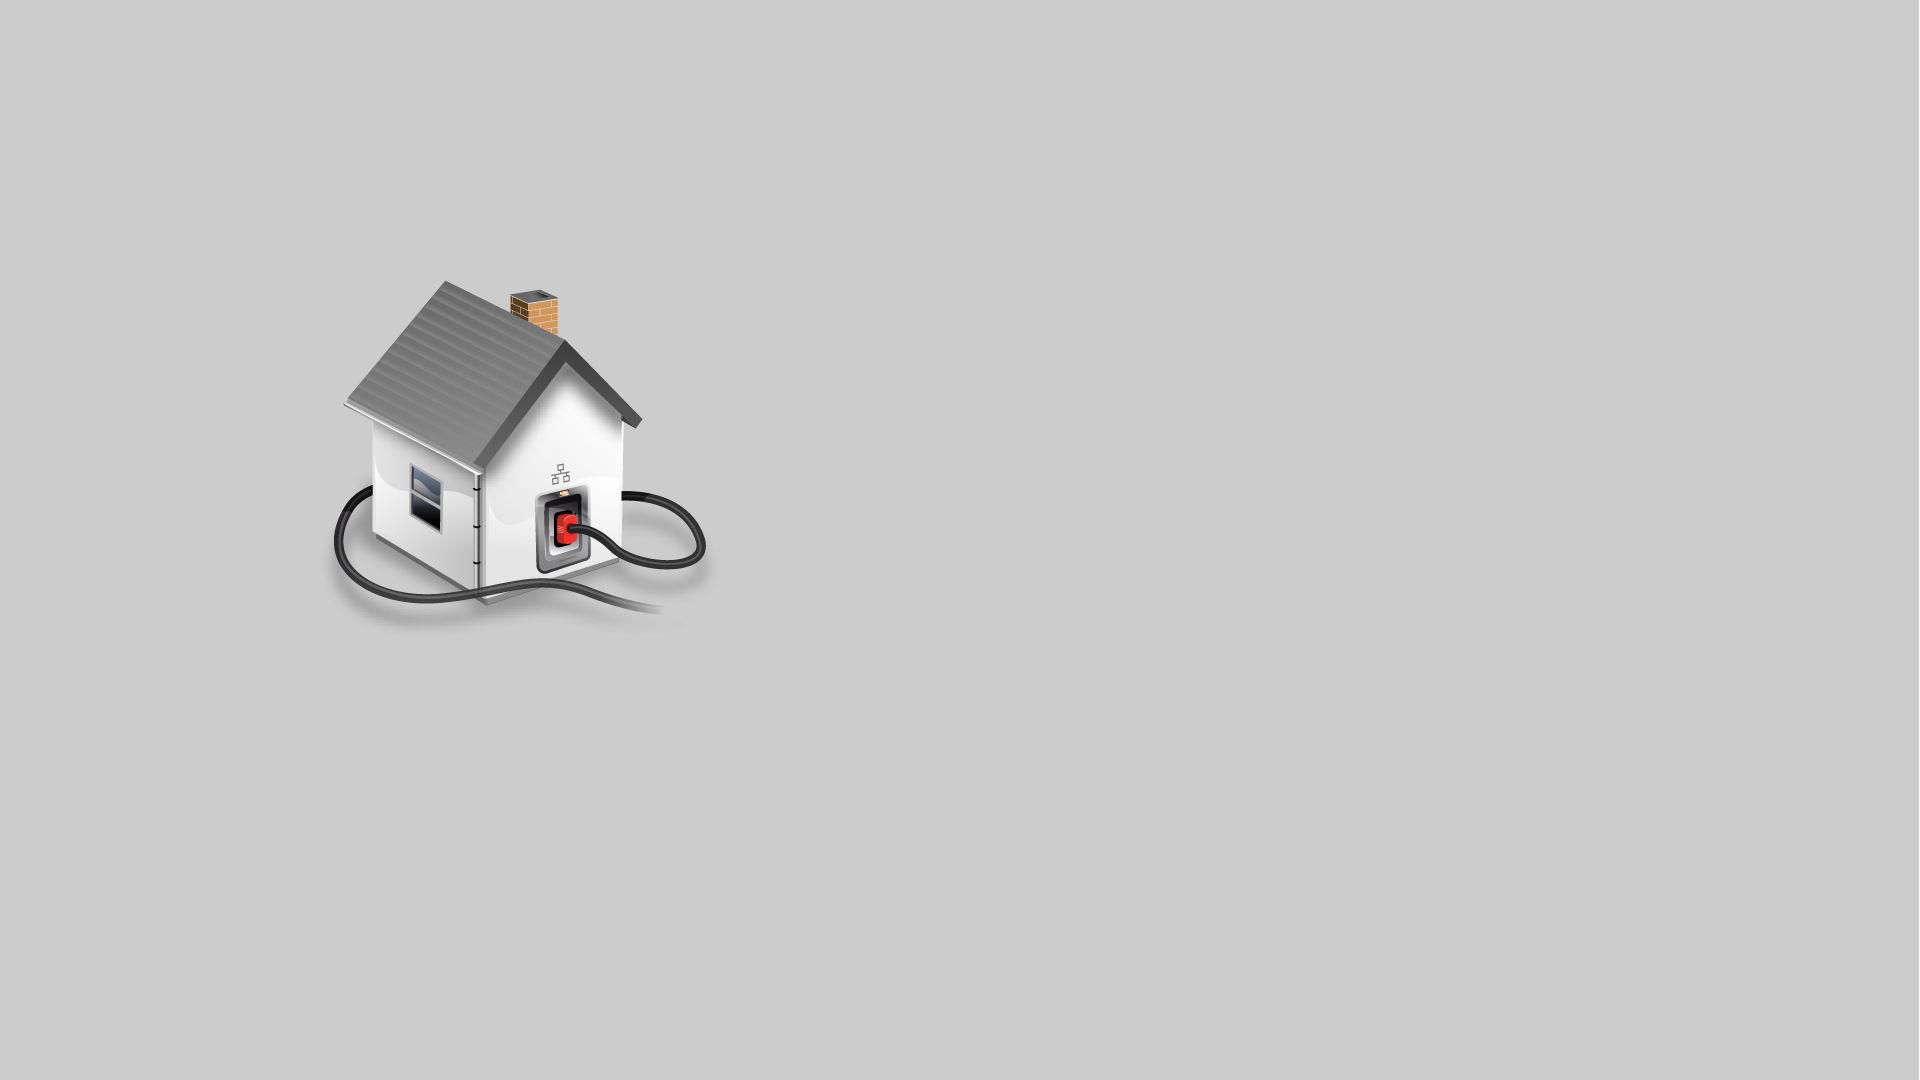 Выносной учет на границе участка  дома или стройплощадки